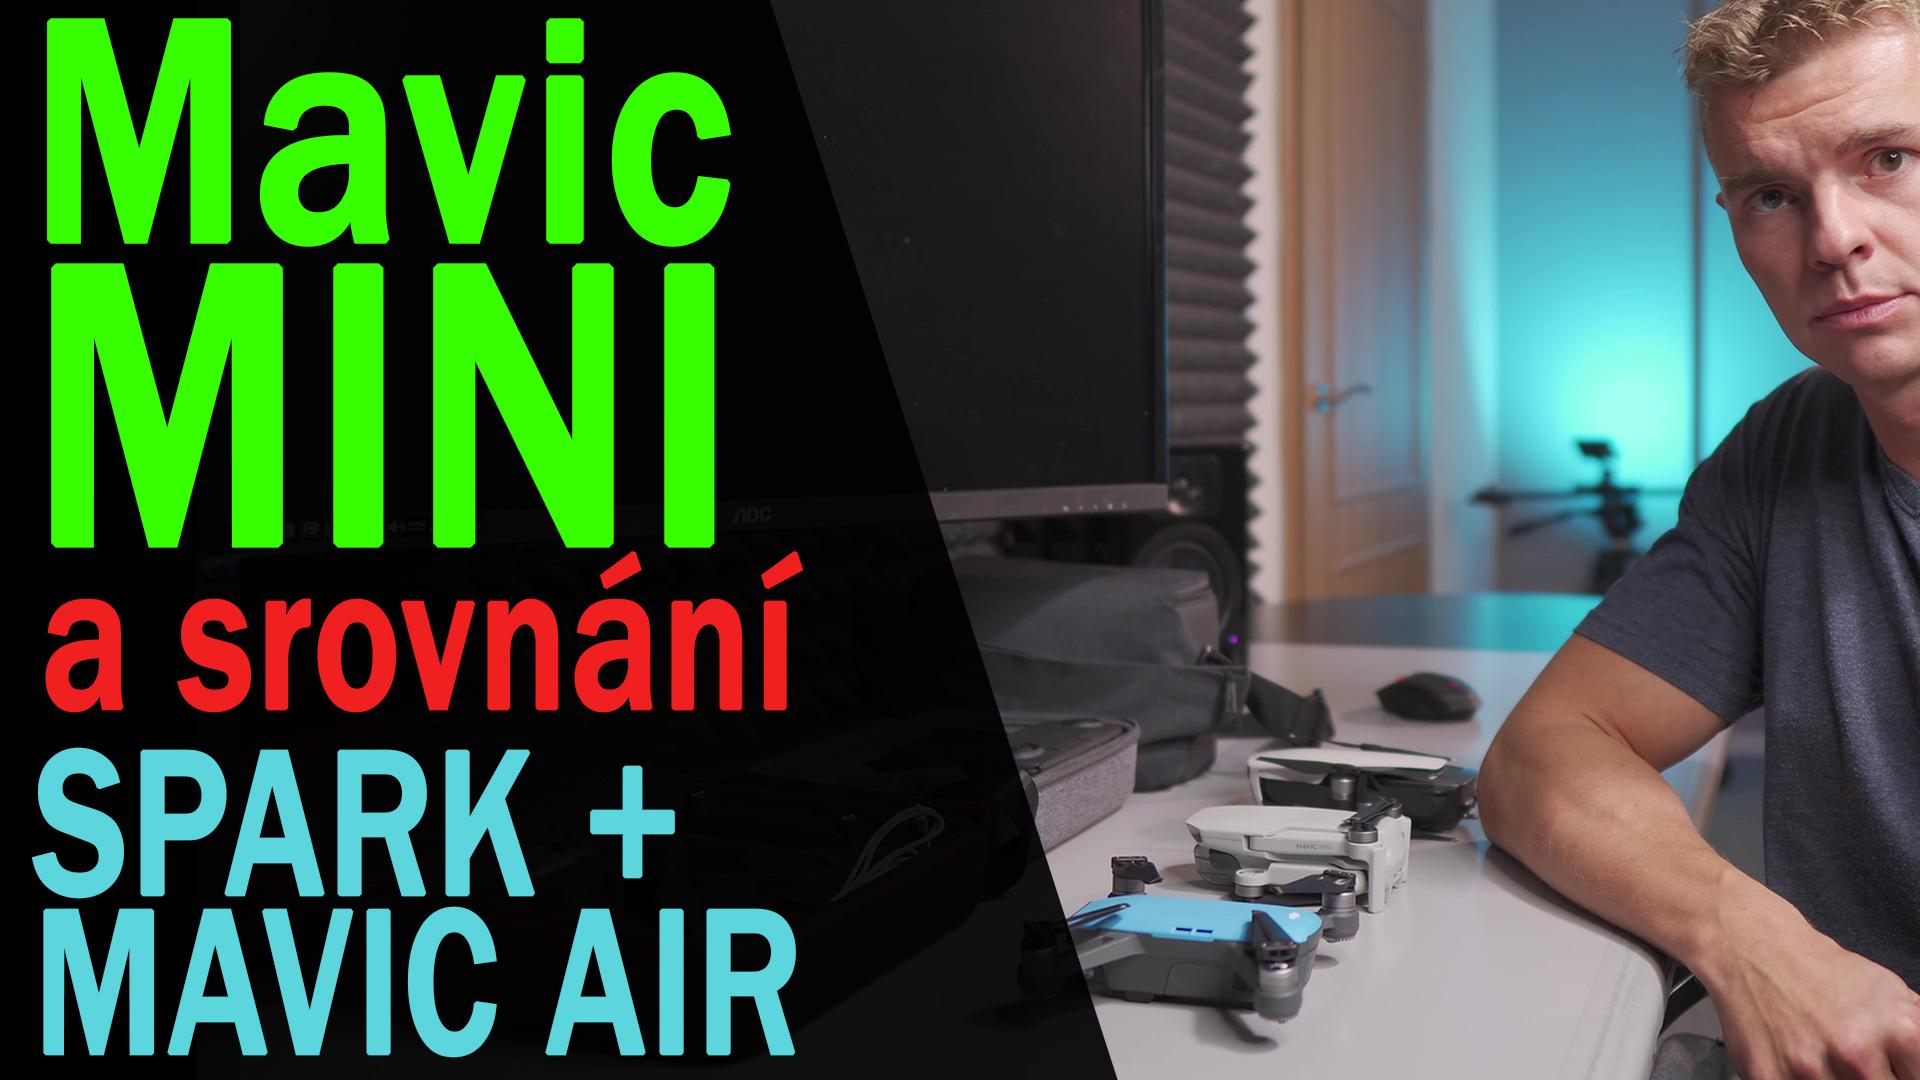 DJI Mavic Mini - Koukněte než koupíte (vs Spark vs AIR)